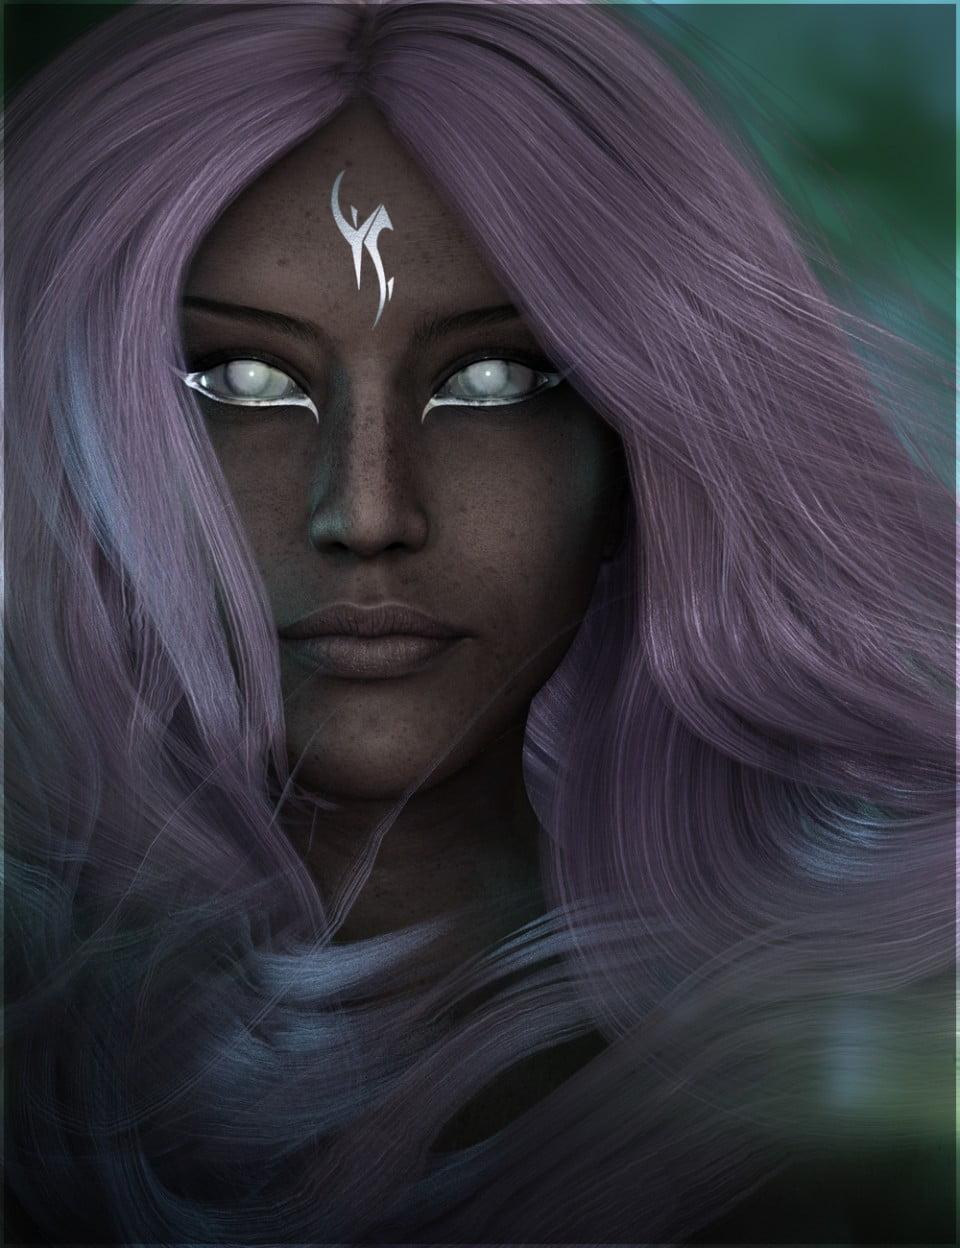 00-main-fantasy-races-aunrae-the-dark-elf-daz3d